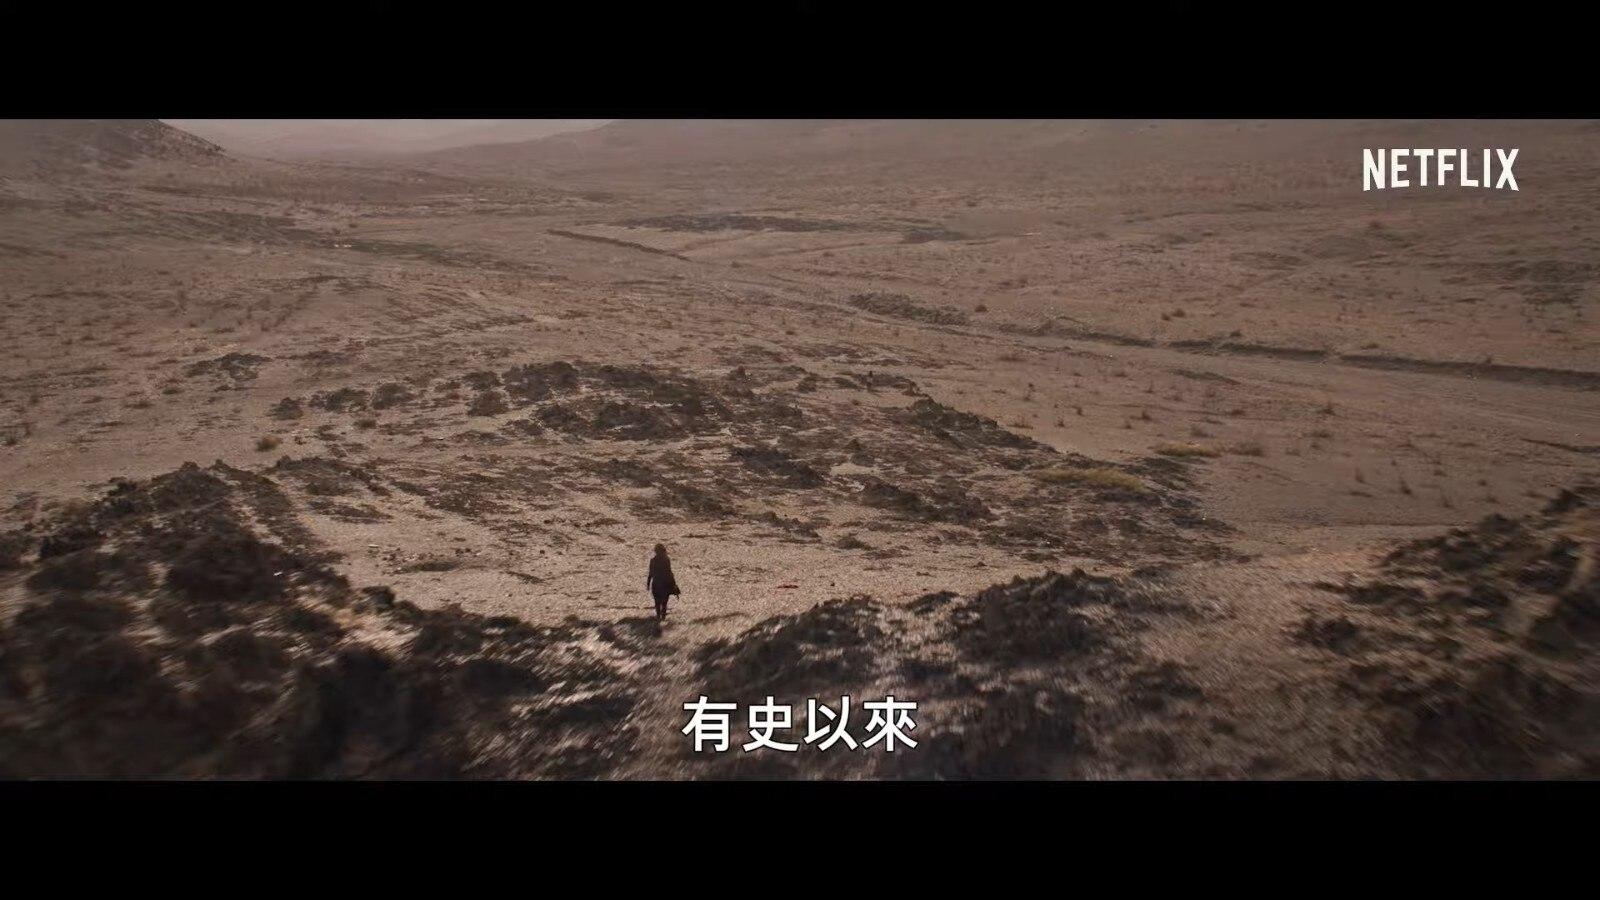 查理兹·塞隆主演Netflix动作电影《永生守卫》首曝中文预告